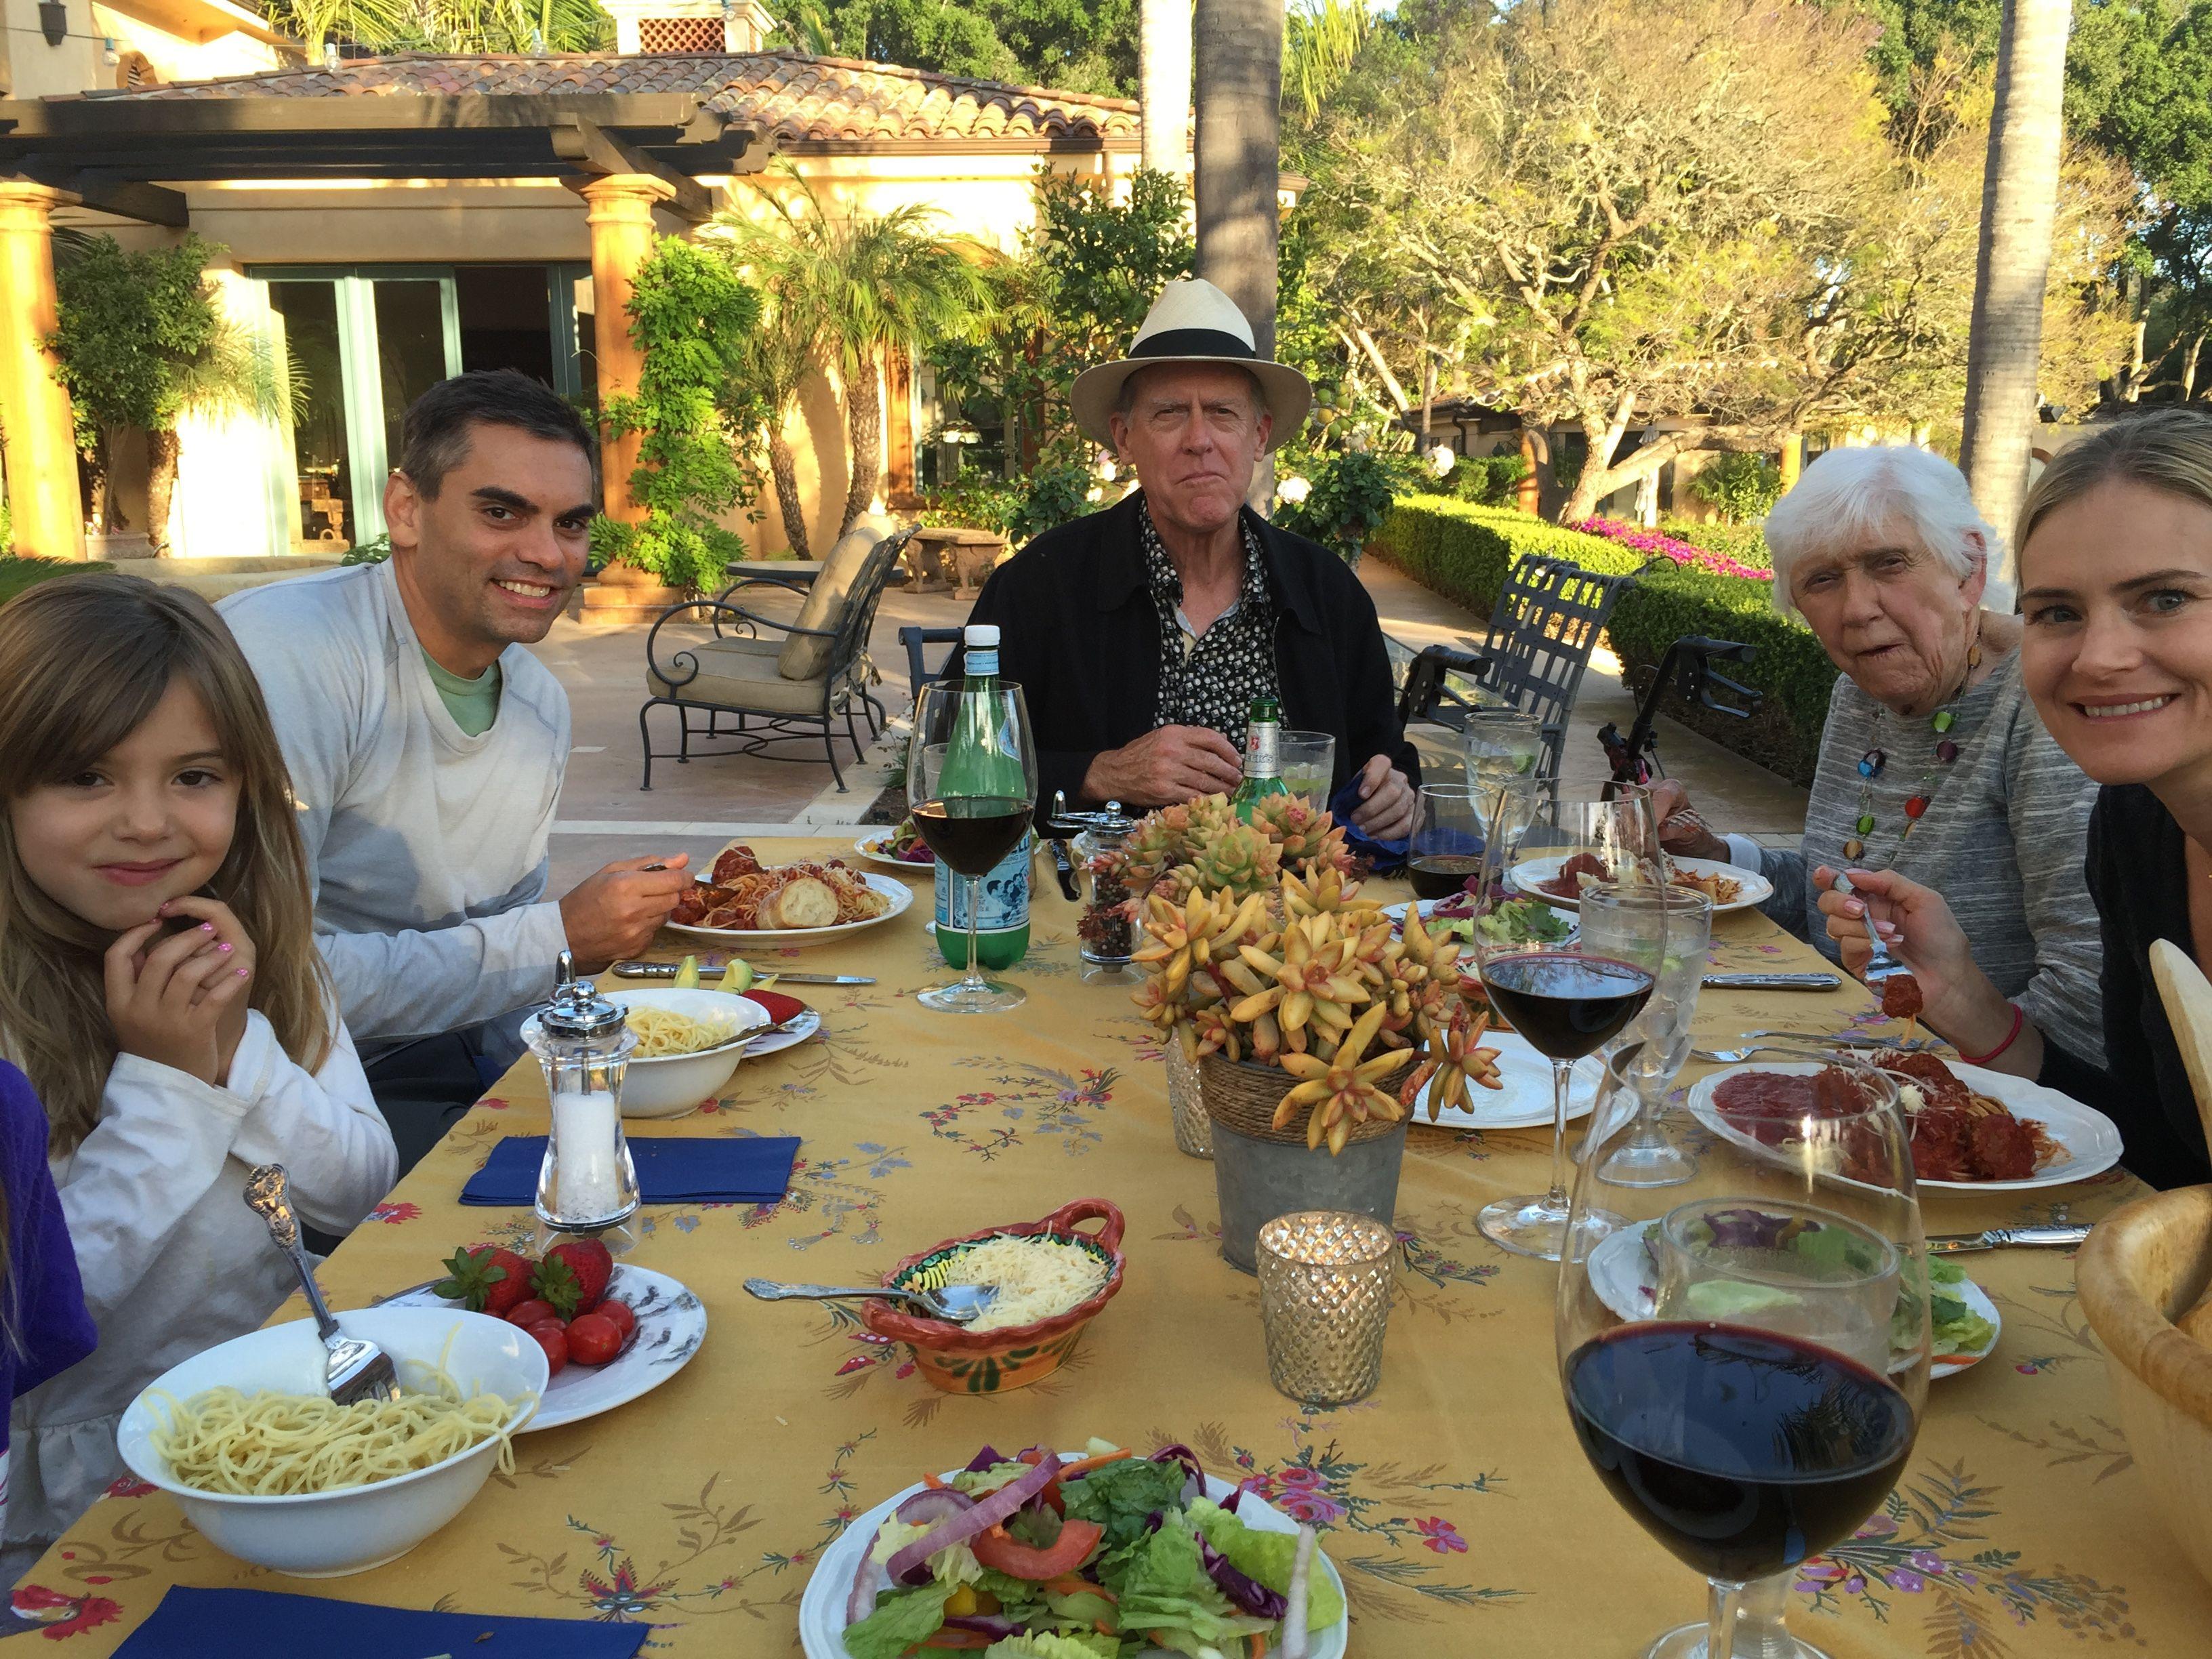 Pre Made Easter Dinner  Family Album Somebunnies Visited for Easter